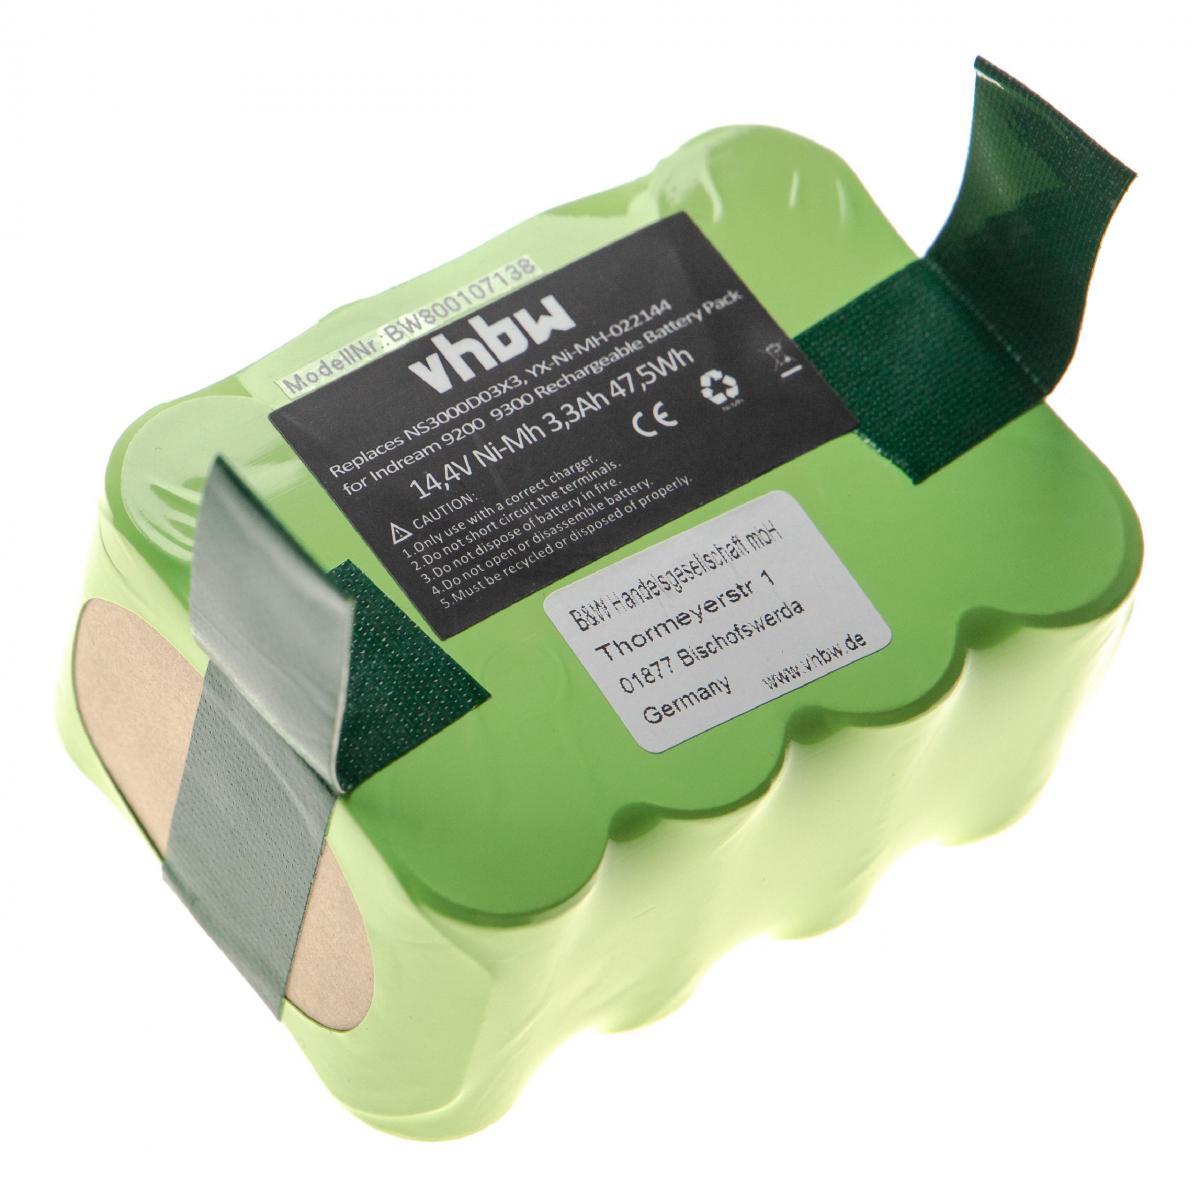 Vhbw vhbw batterie NiMH 3300mAh (14.4V) pour aspirateur, Home Cleaner compatible avec E.Ziclean Furtiv remplace YX-Ni-MH-0221